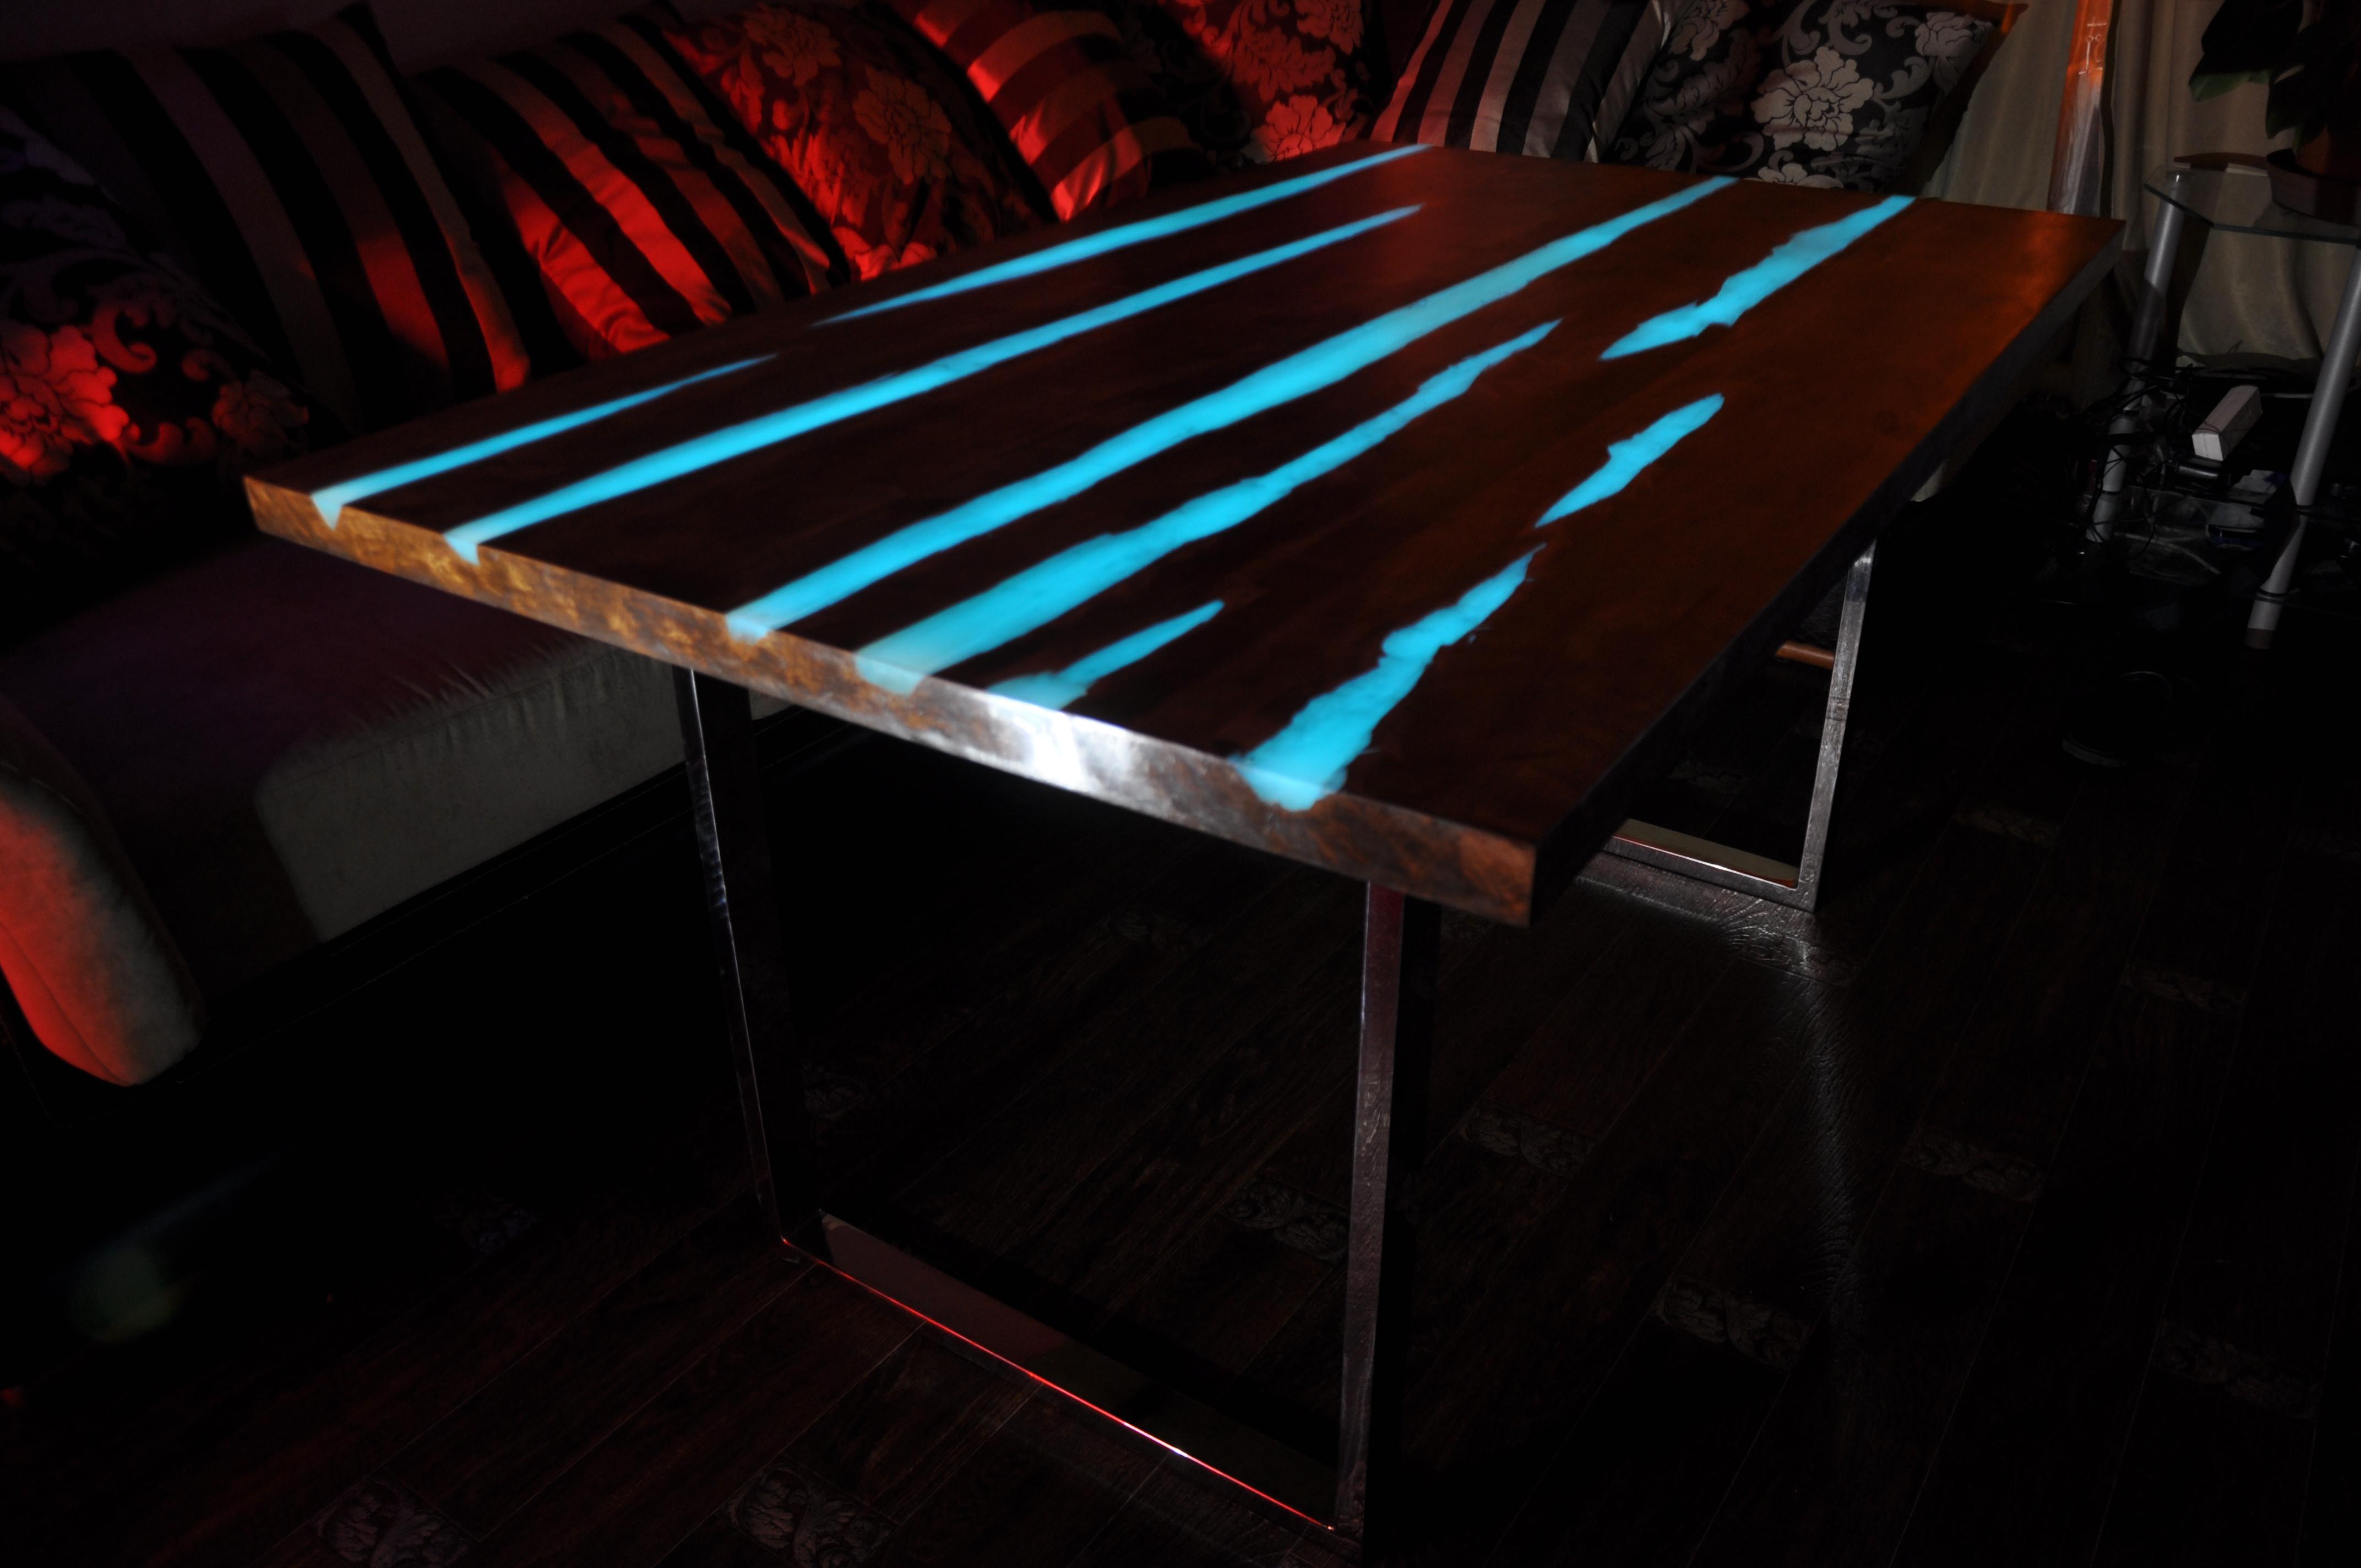 доме маленькие светящийся стол своими руками фото лишним весом